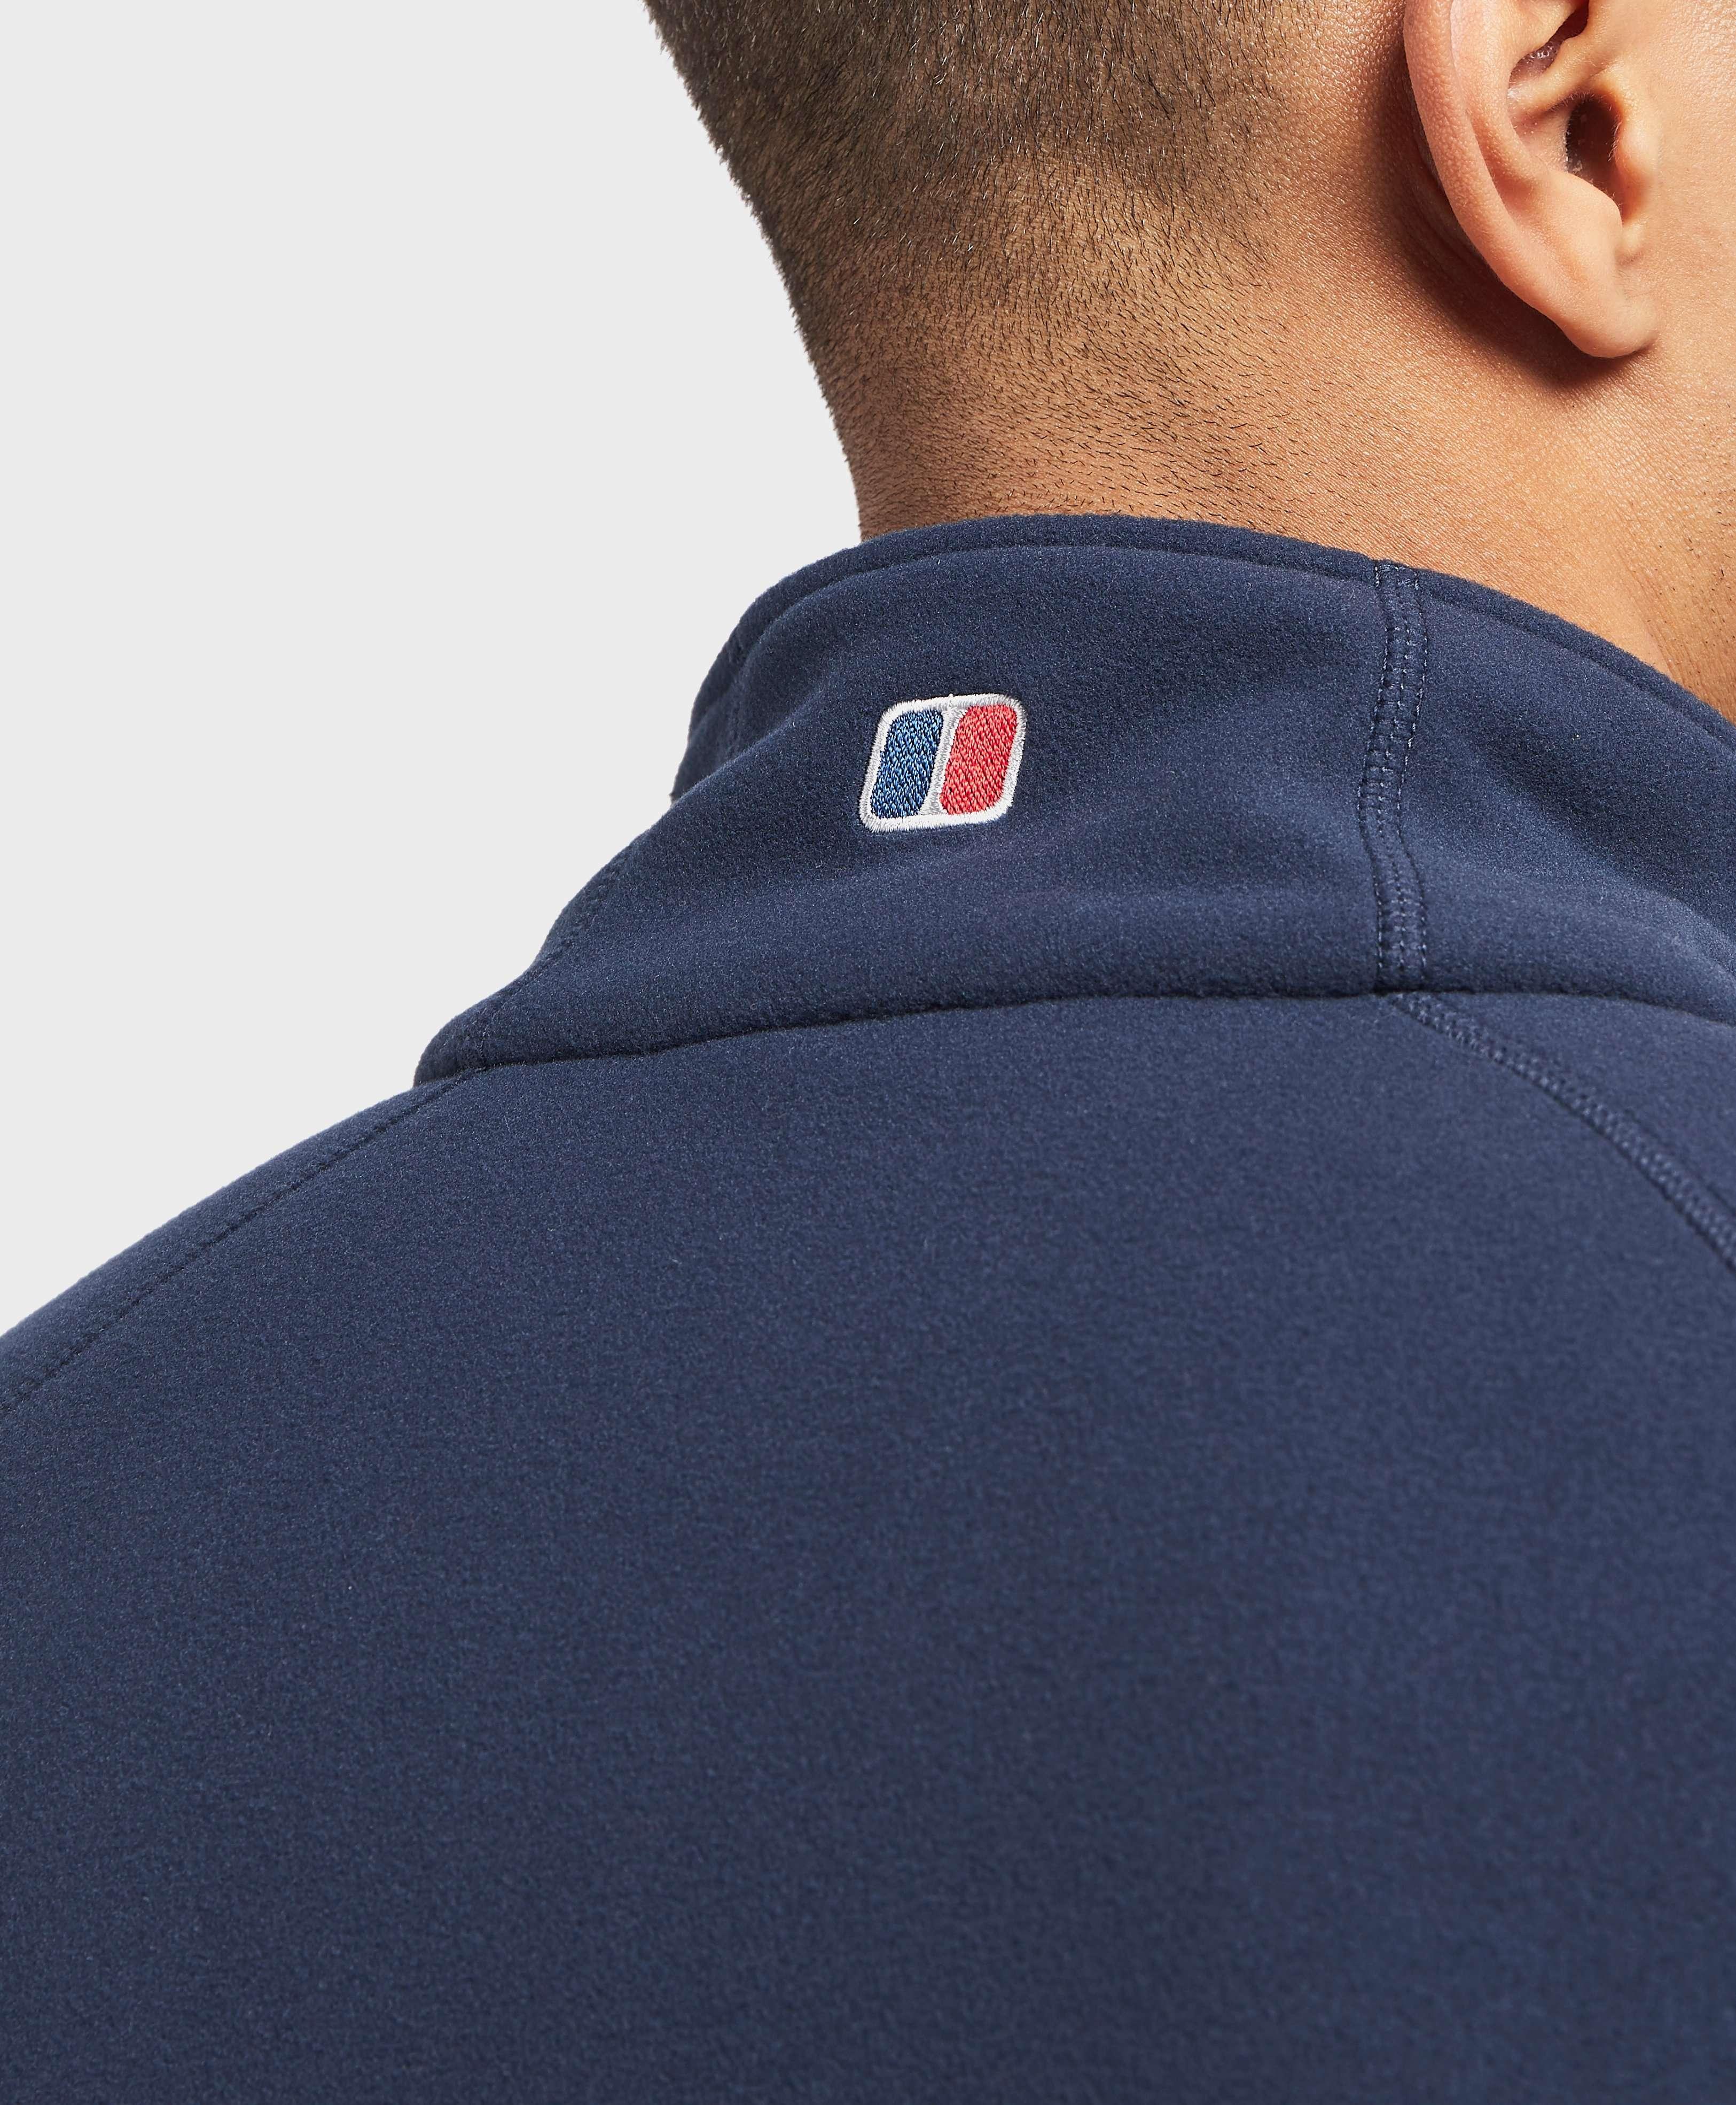 Berghaus Deception Fleece Jacket - Online Exclusive